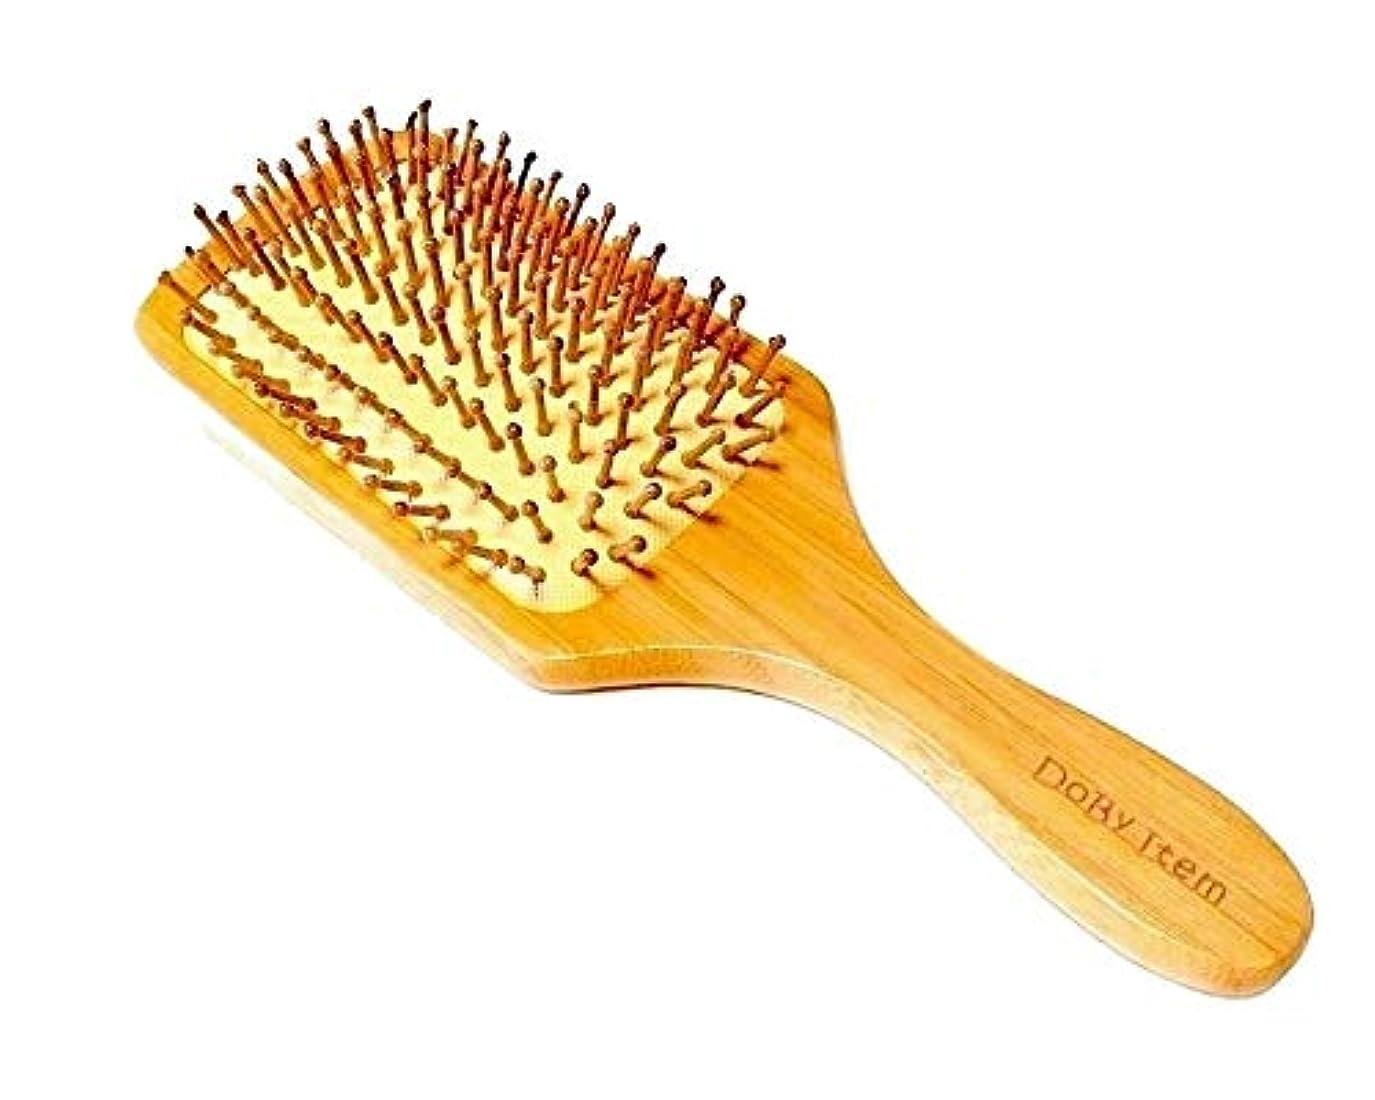 五十かる宮殿Dobyitem ヘアブラシ 静電気除去 パドルブラシ 木製 髪に優しい 頭皮マッサージ 美髪効果 (大きめブラシ&クリーナー、専用巾着、交換ピン、取説保証書5点セット)